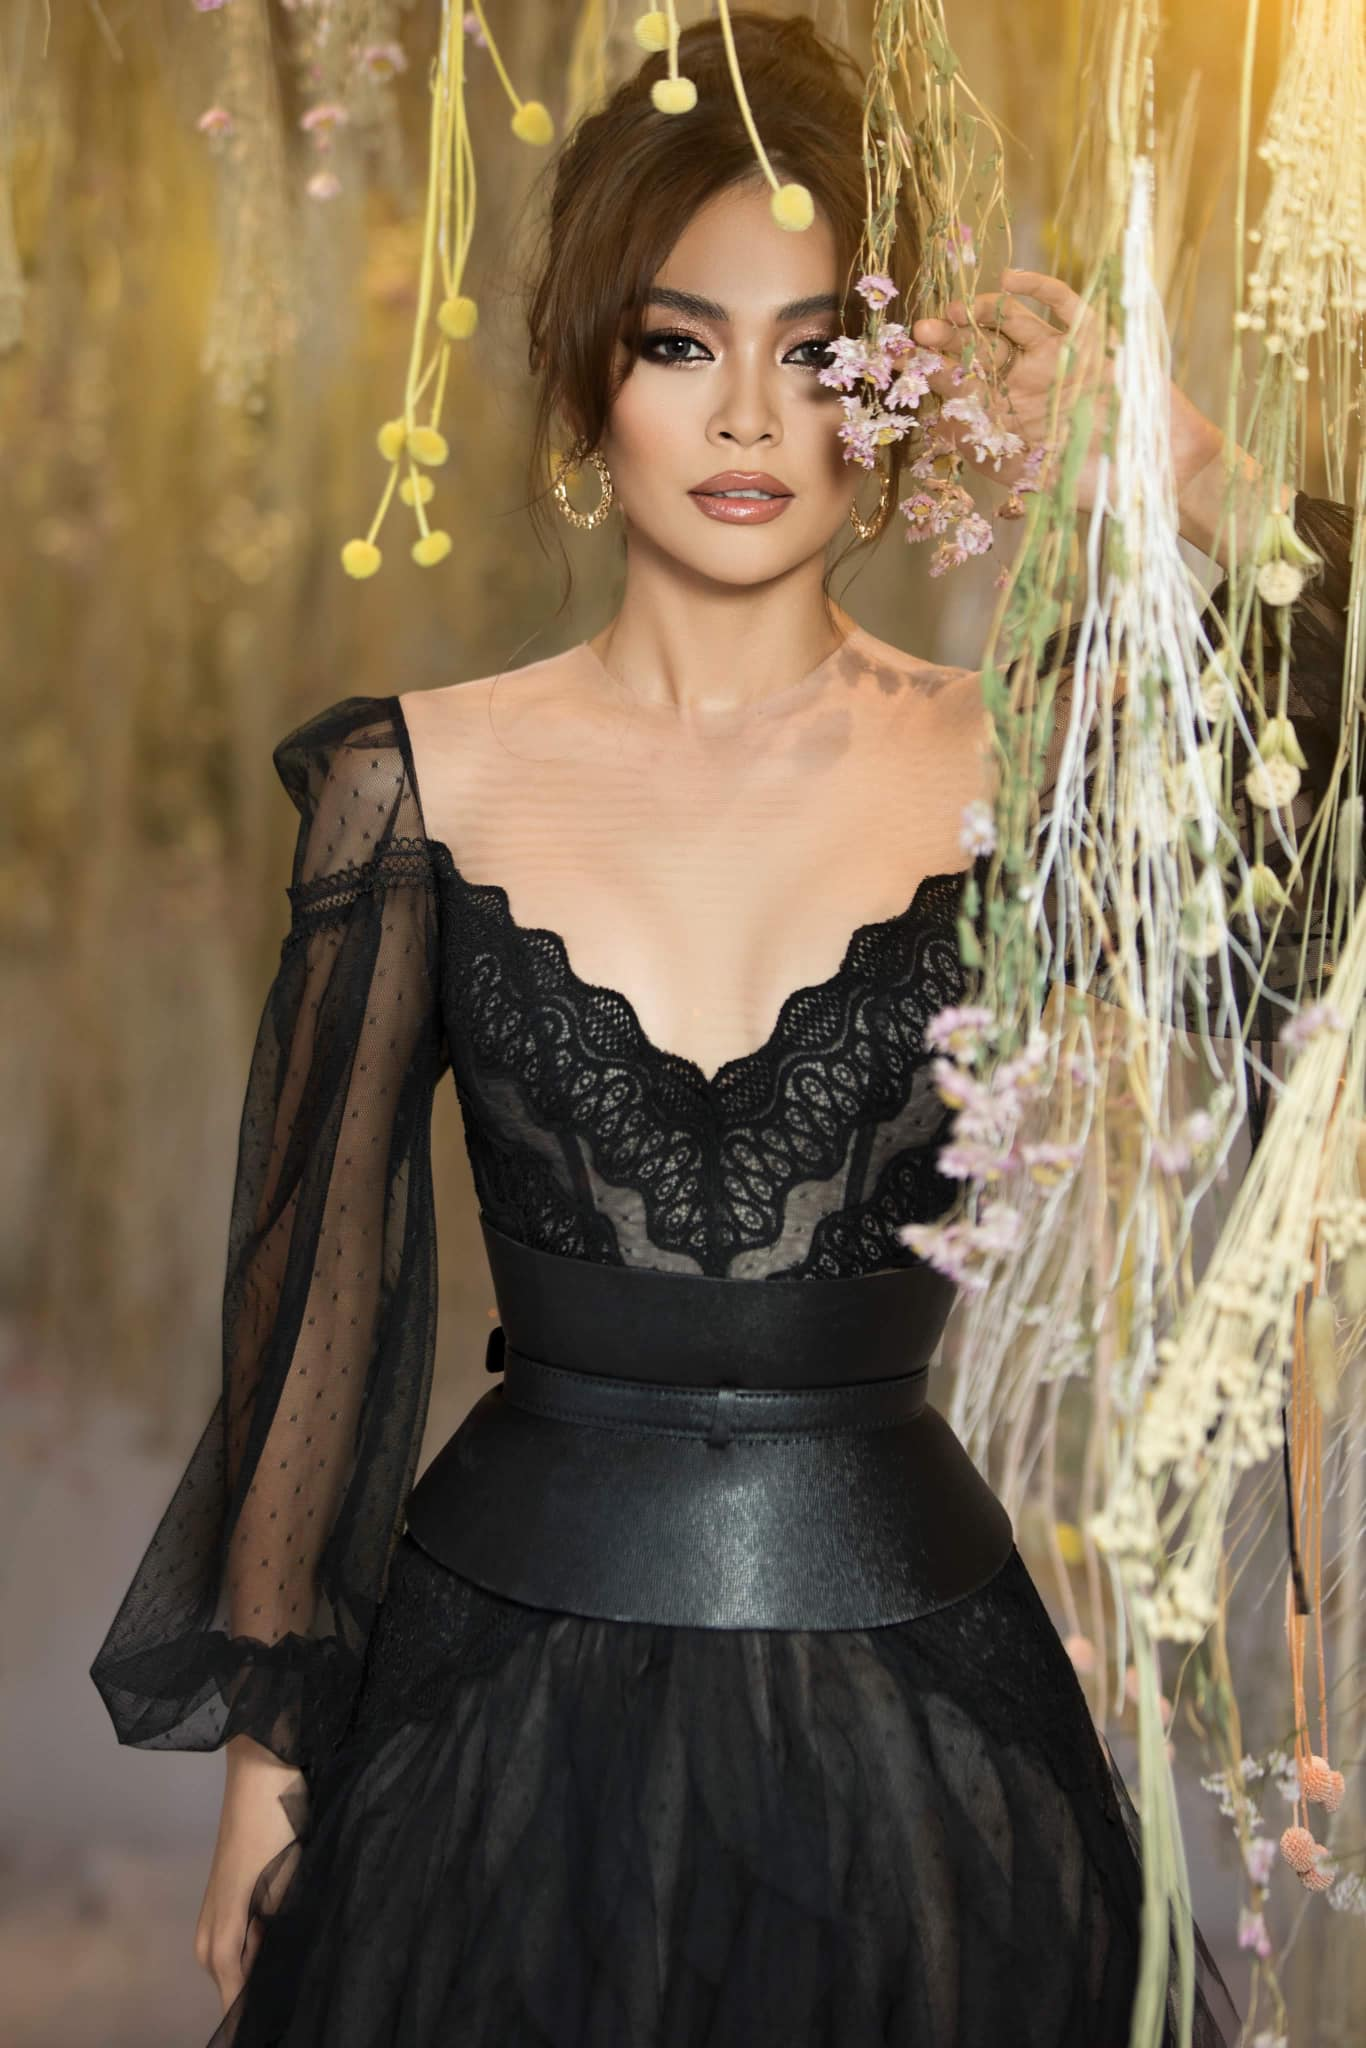 Mâu Thủy cũng chính là giám khảo vòng casting đồng thời là người thị phạm catwalk cho cuộc thi Hoa hậu Bản sắc Toàn cầu Việt 2019